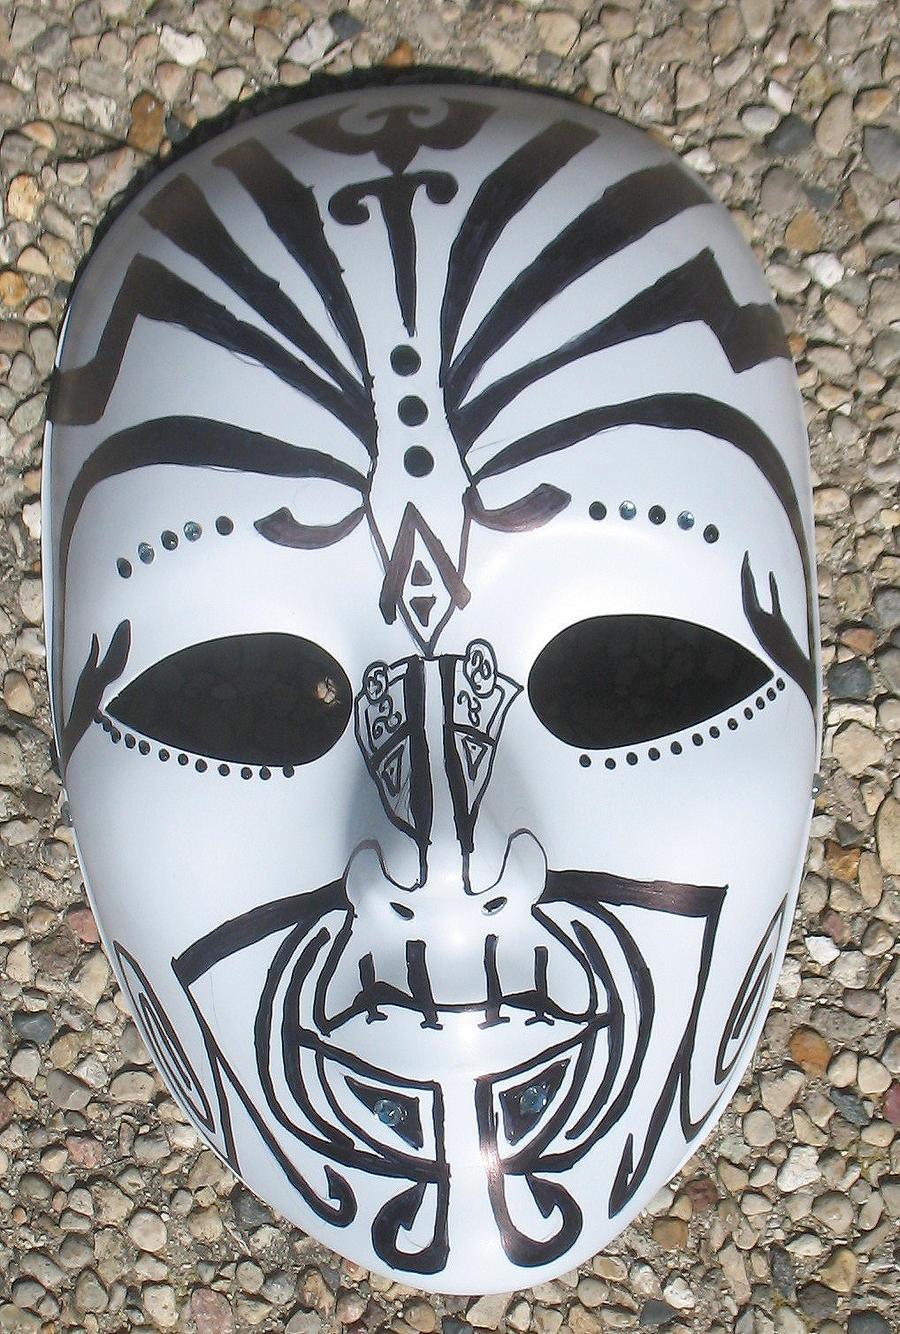 Maori Mask By ChanJlingHerd On DeviantART